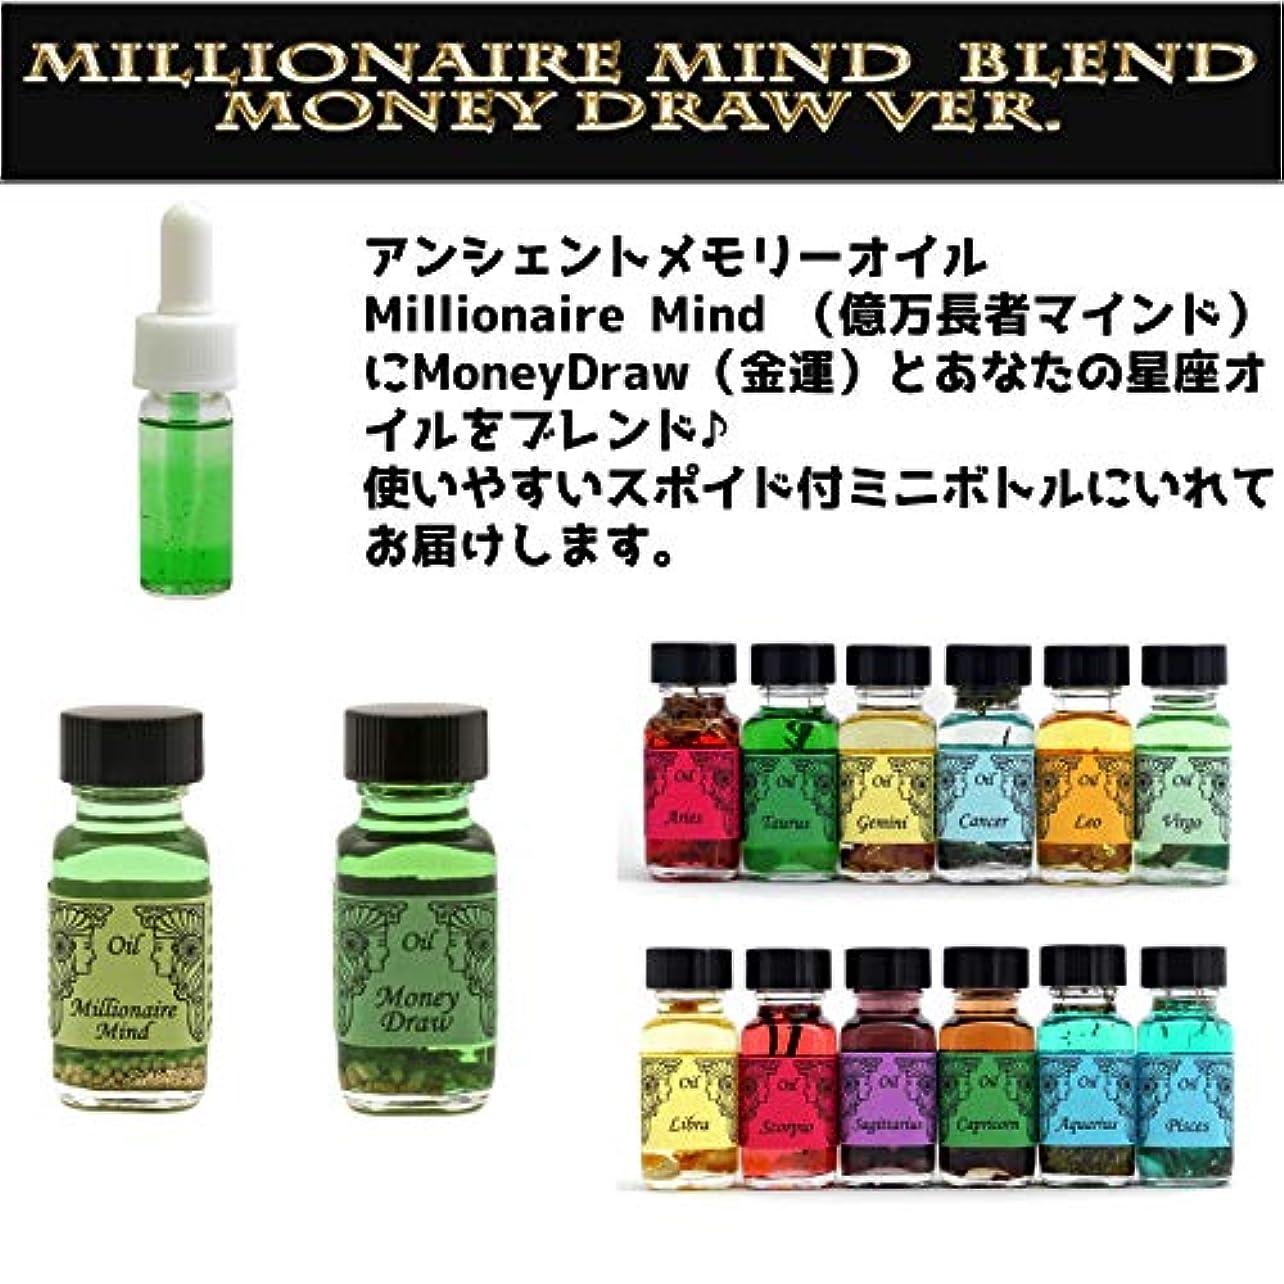 にはまってスポーツをするボトルアンシェントメモリーオイル Millionaire Mind 億万長者マインド ブレンド(Money Drawマネードロー(金運)&かに座